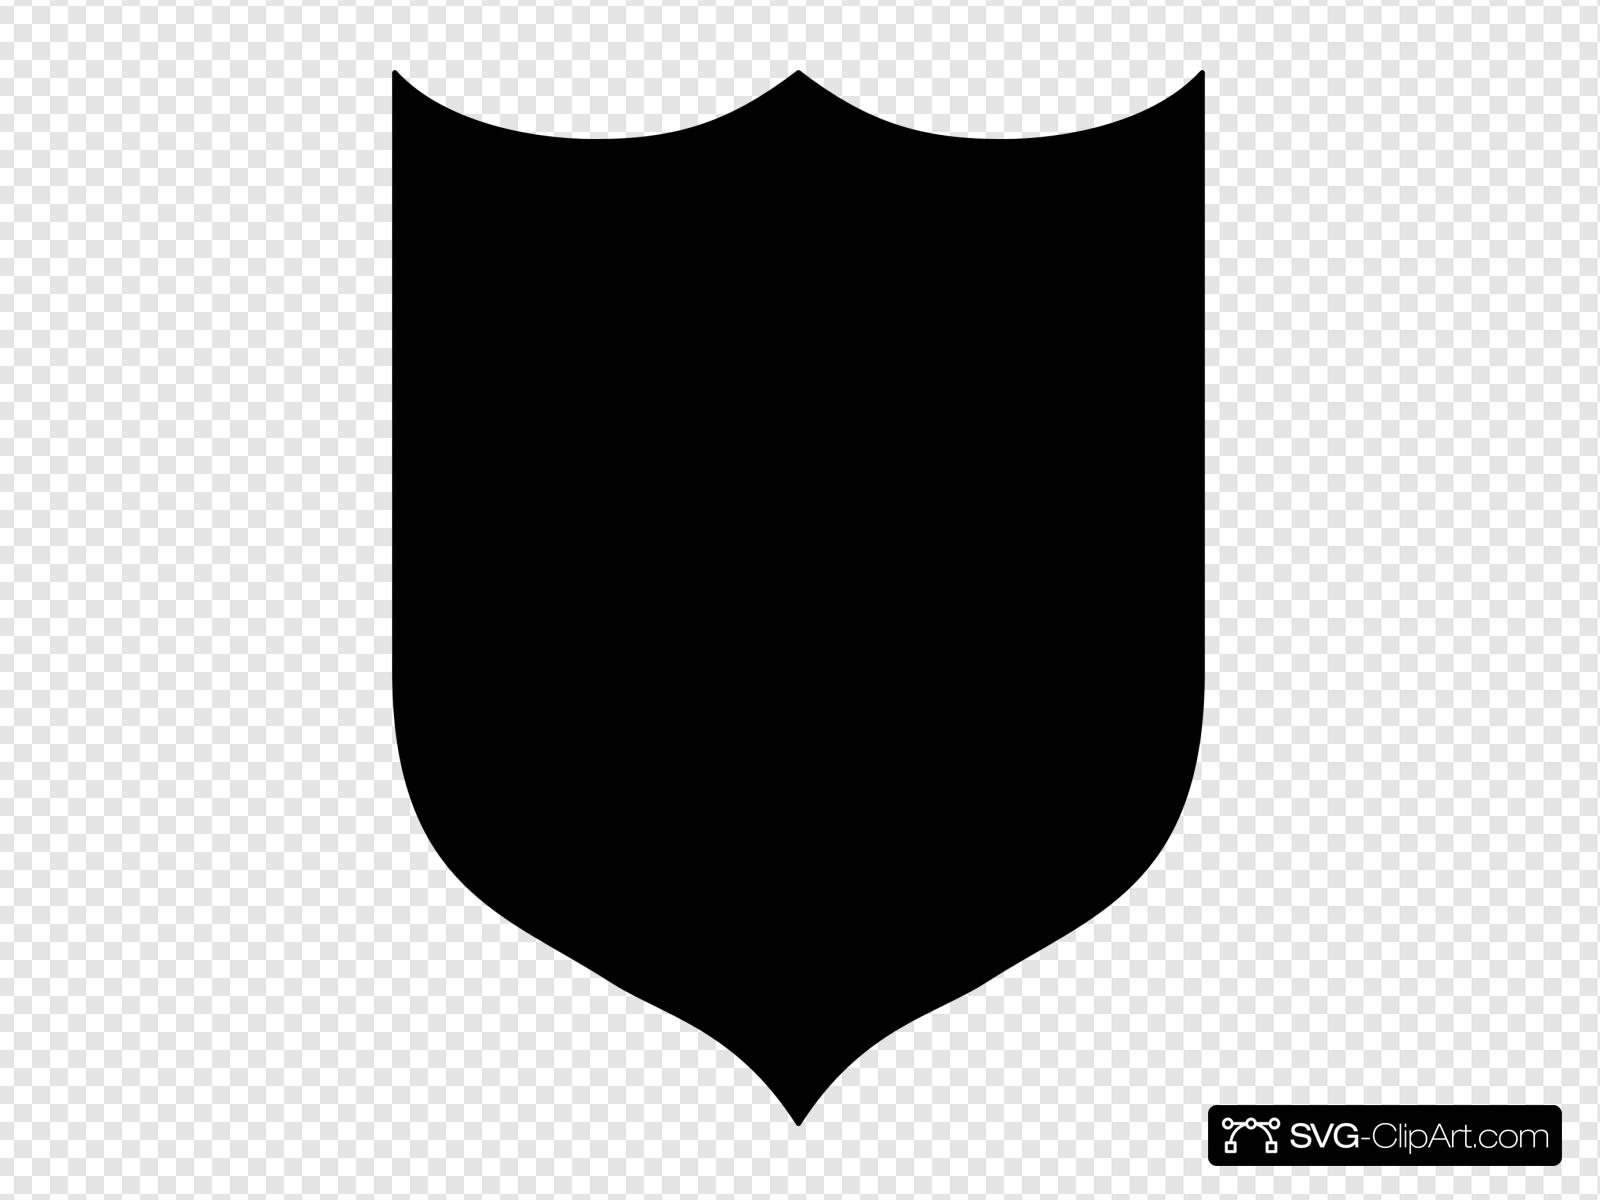 Black Shield Clip art, Icon and SVG.